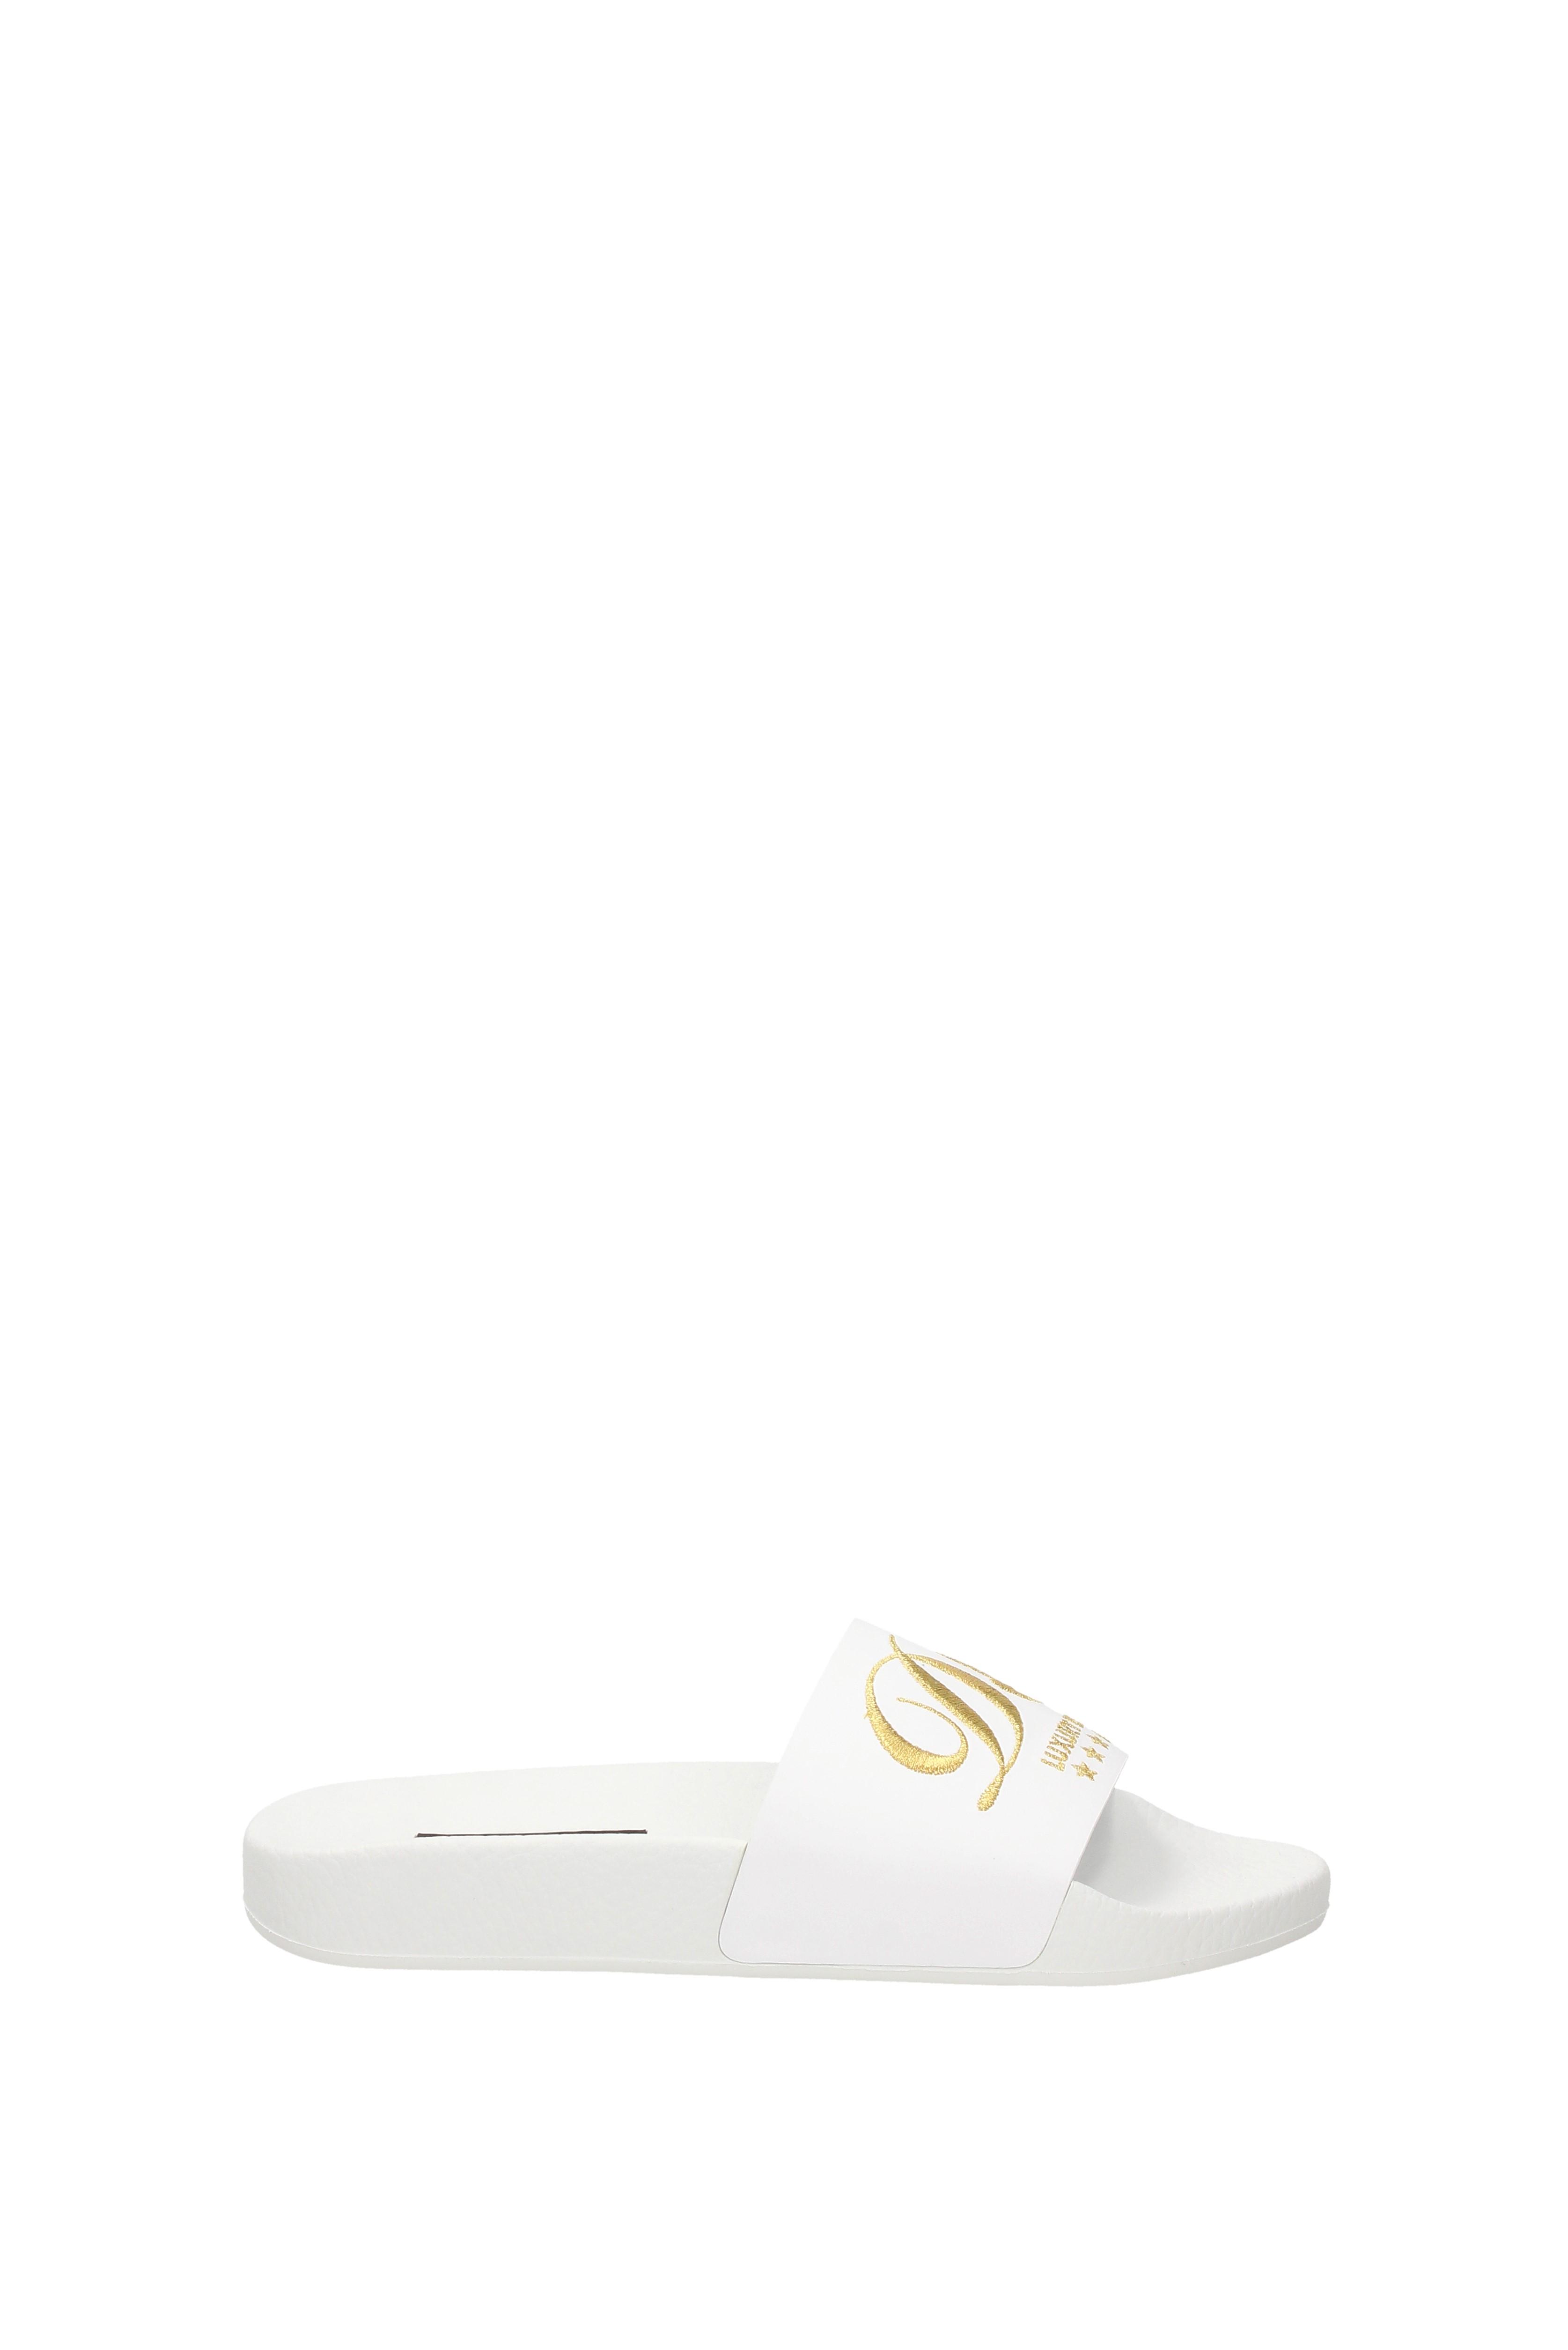 Flip-Flops und Holzschuhe Dolce&Gabbana Damen - (CW0048AG809) Leder (CW0048AG809) - 3d878c